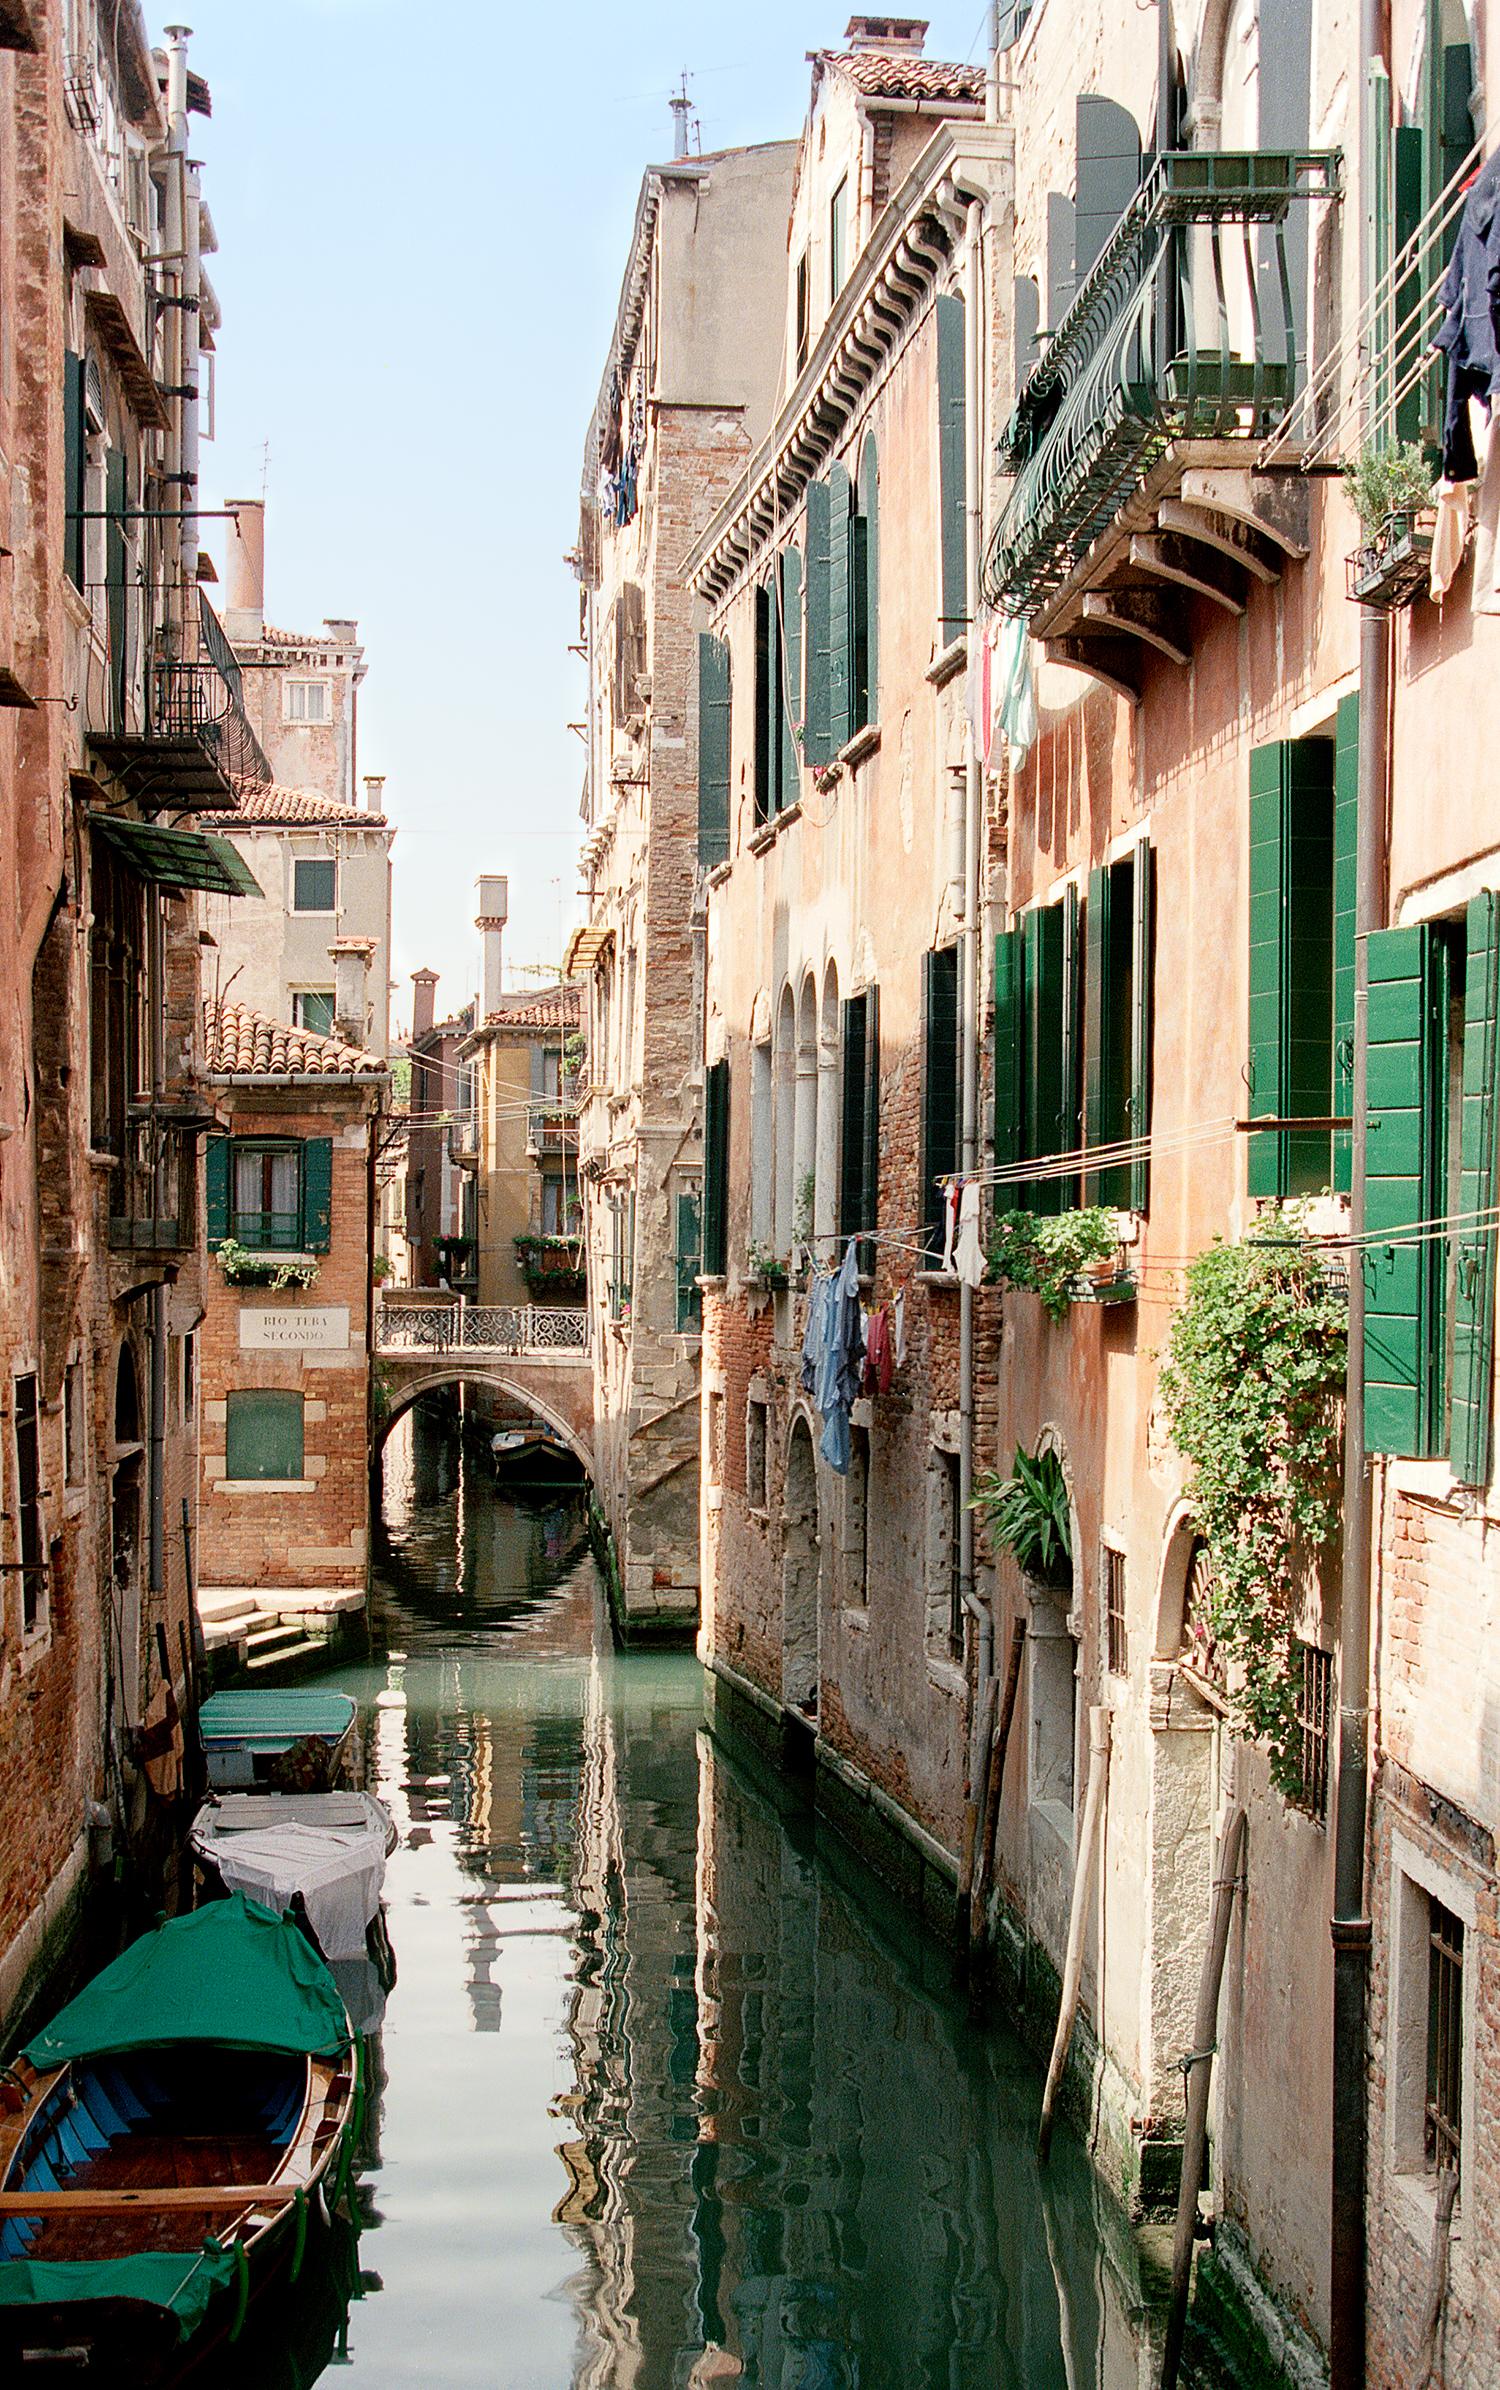 Venice, of course